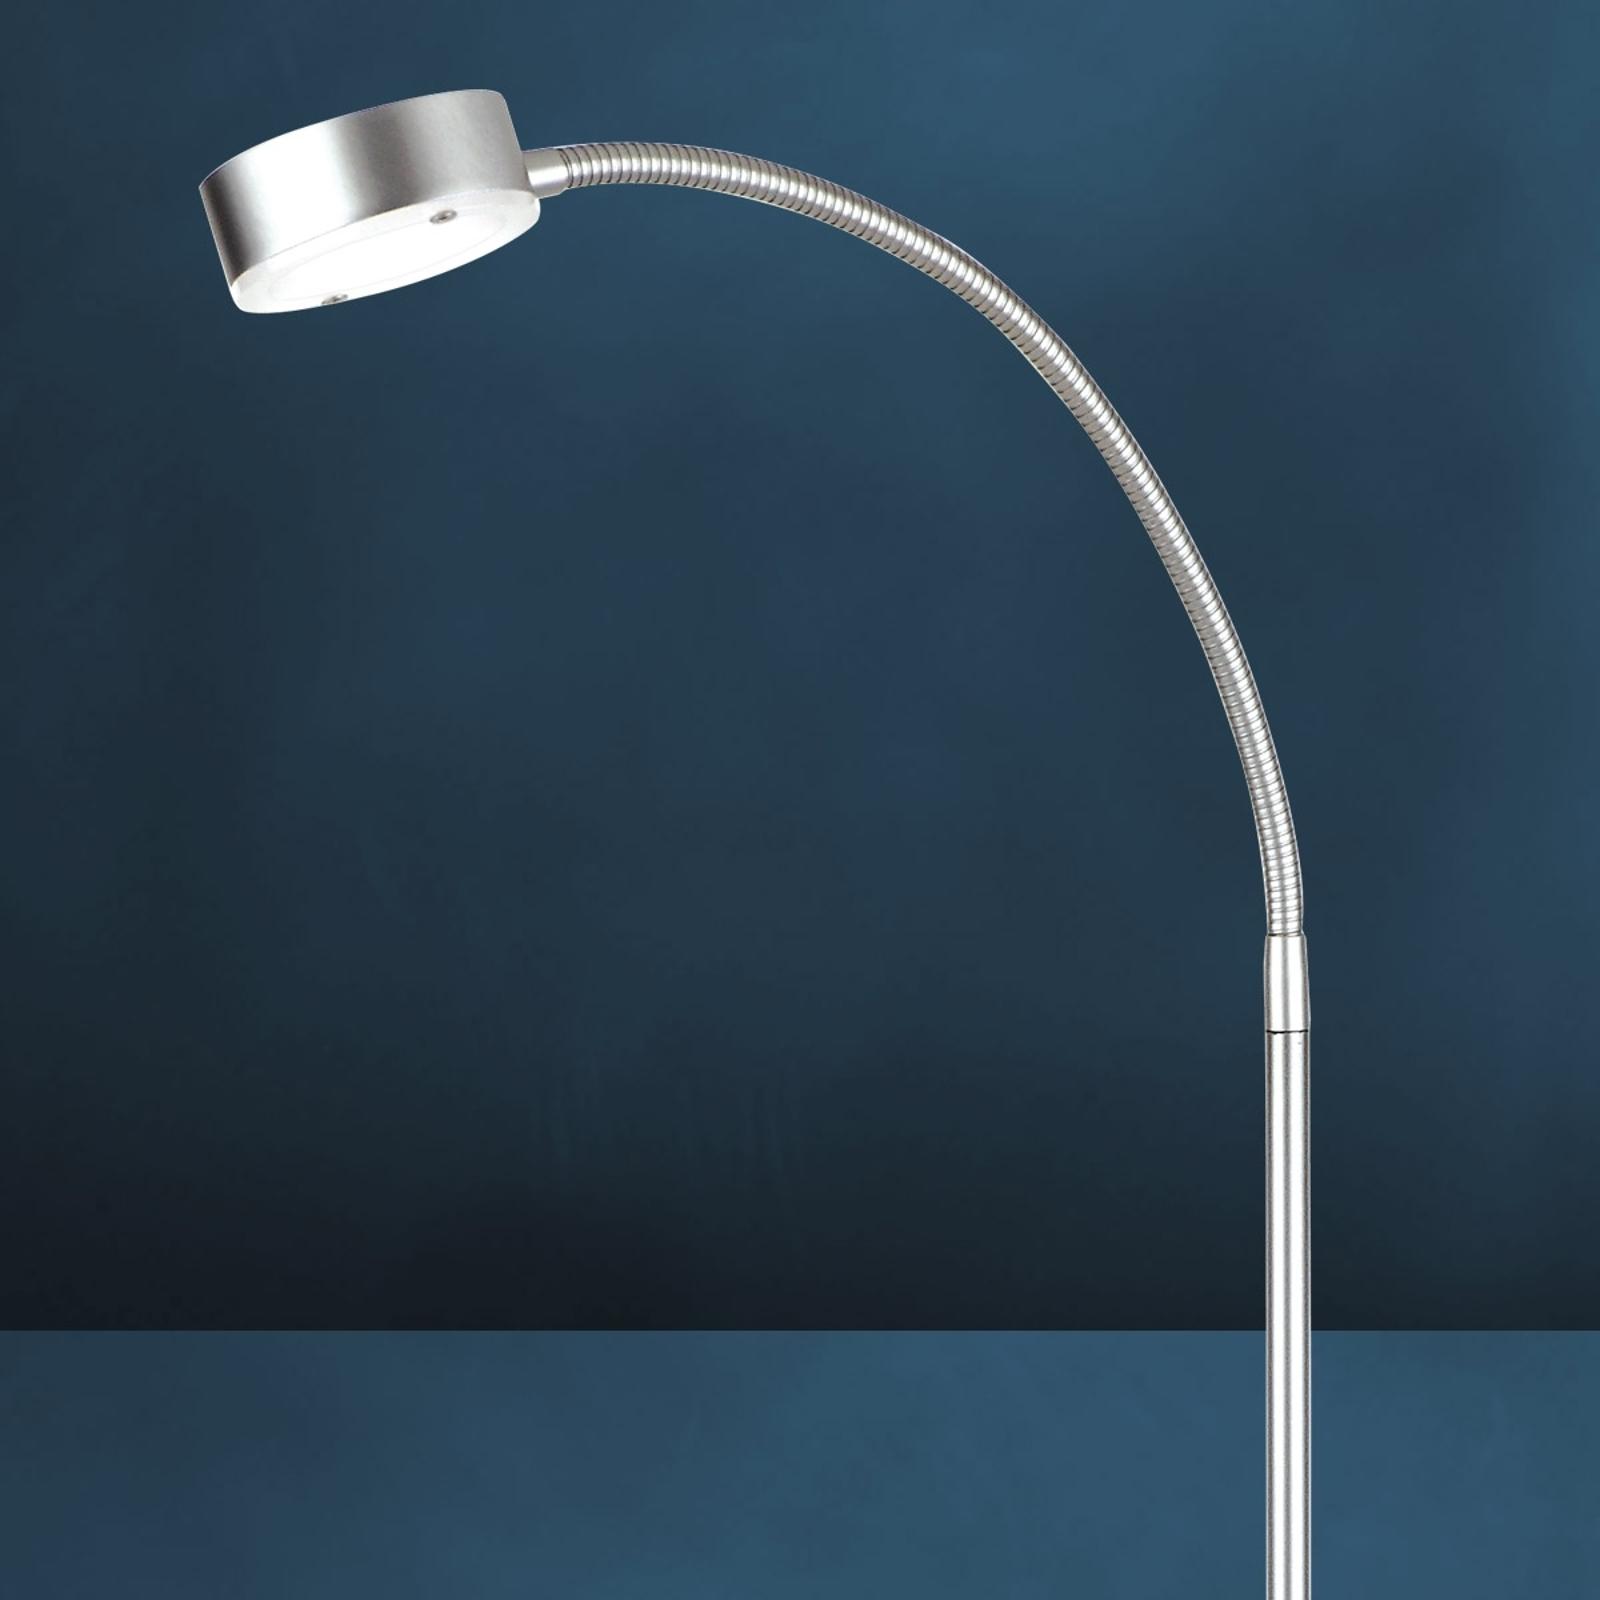 Flexibel LED-golvlampa SATURN med 1 ljuskälla